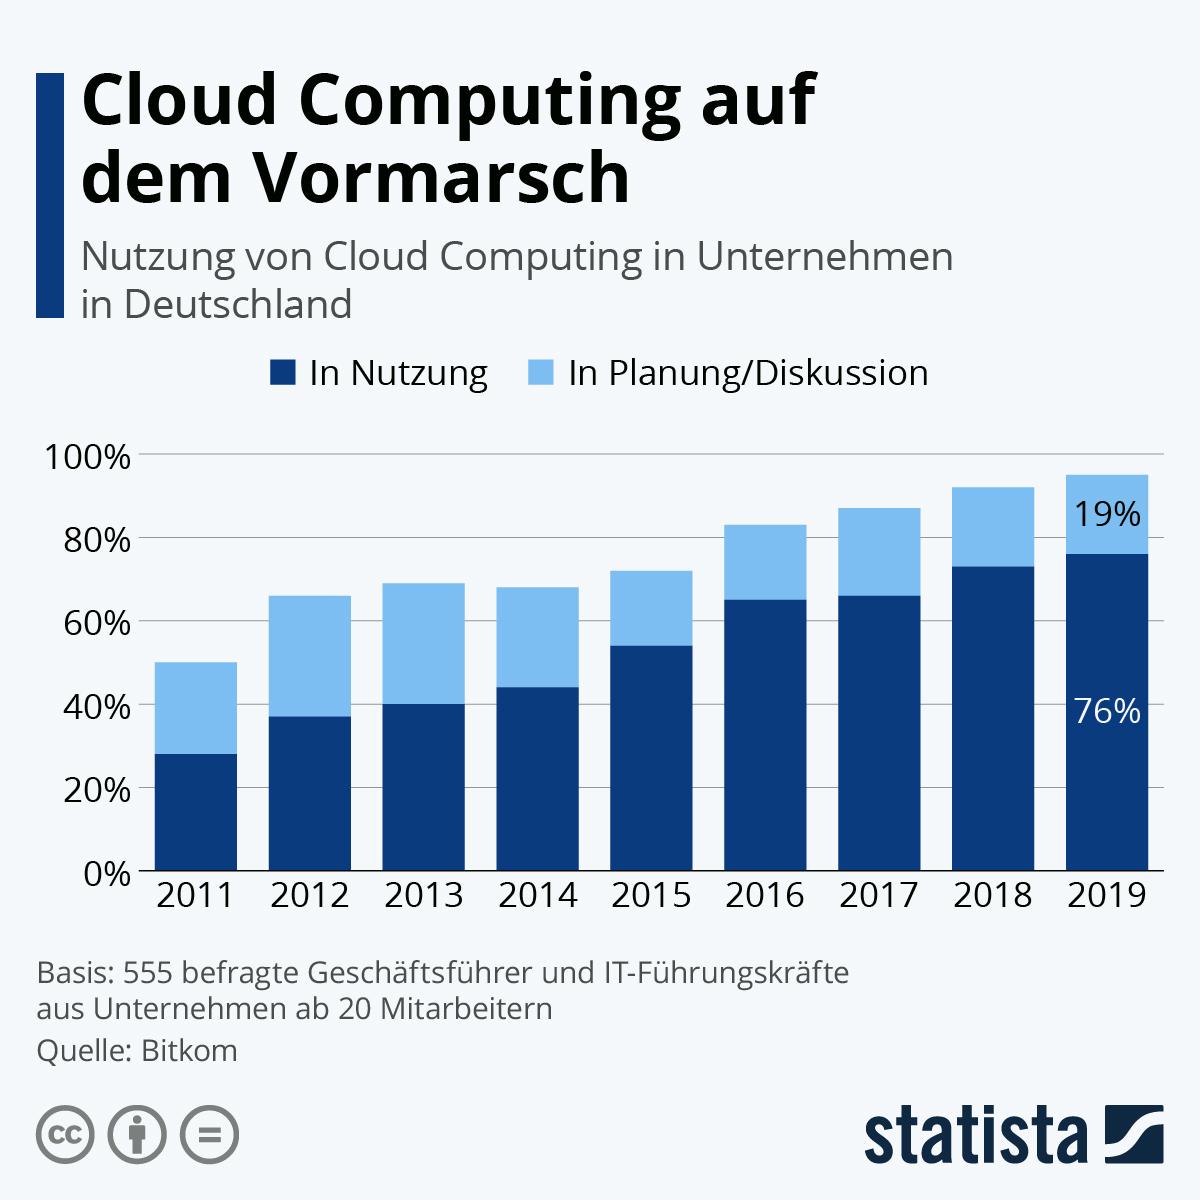 Infografik: Cloud Computing auf dem Vormarsch | Statista